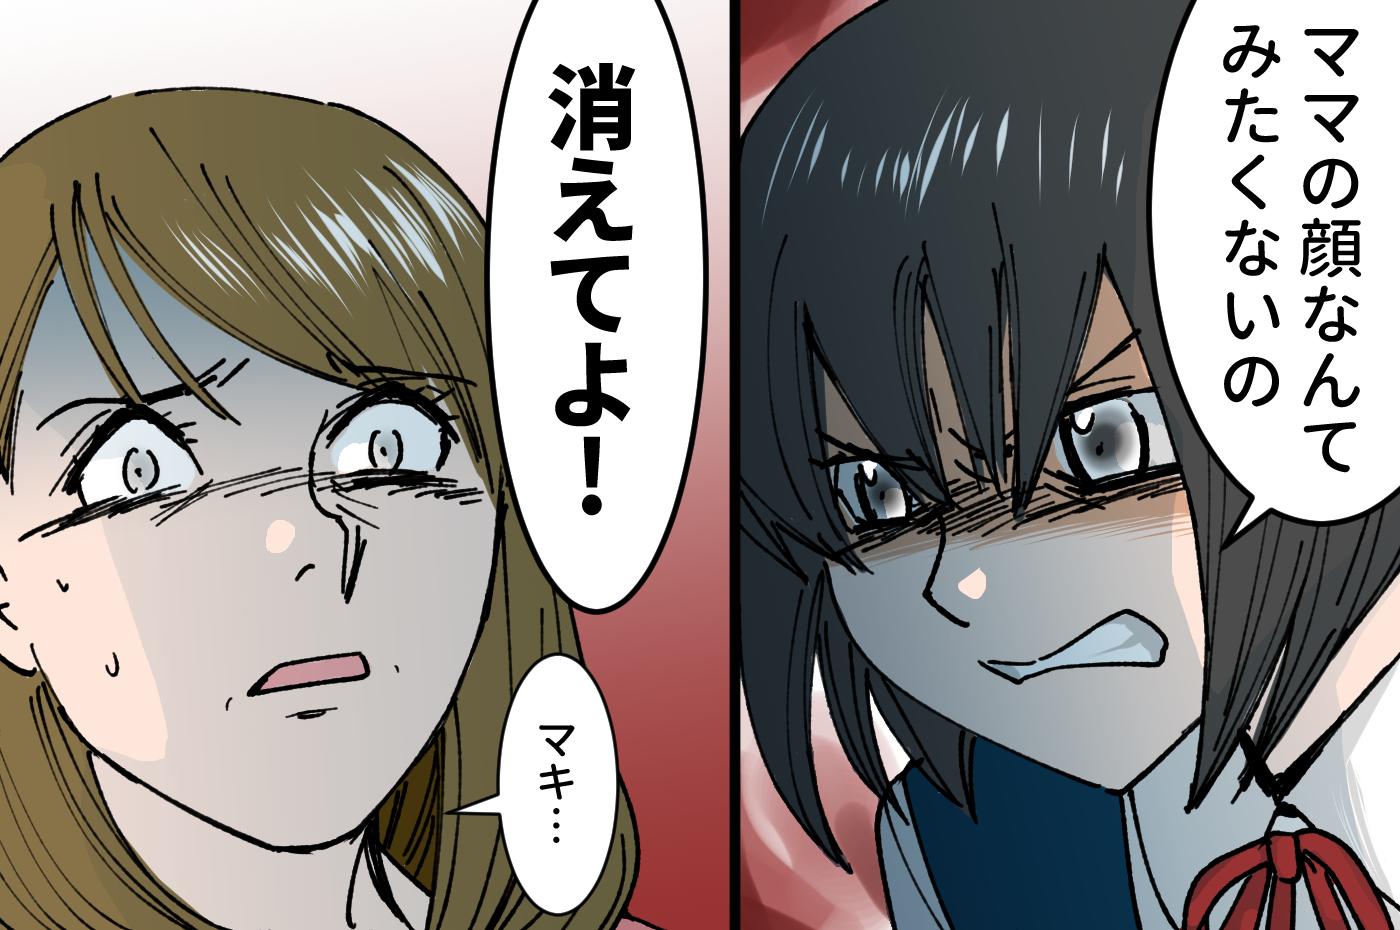 「ママなんて消えてよ!」娘の態度に我慢も限界/娘の反抗期がしんどい(2)